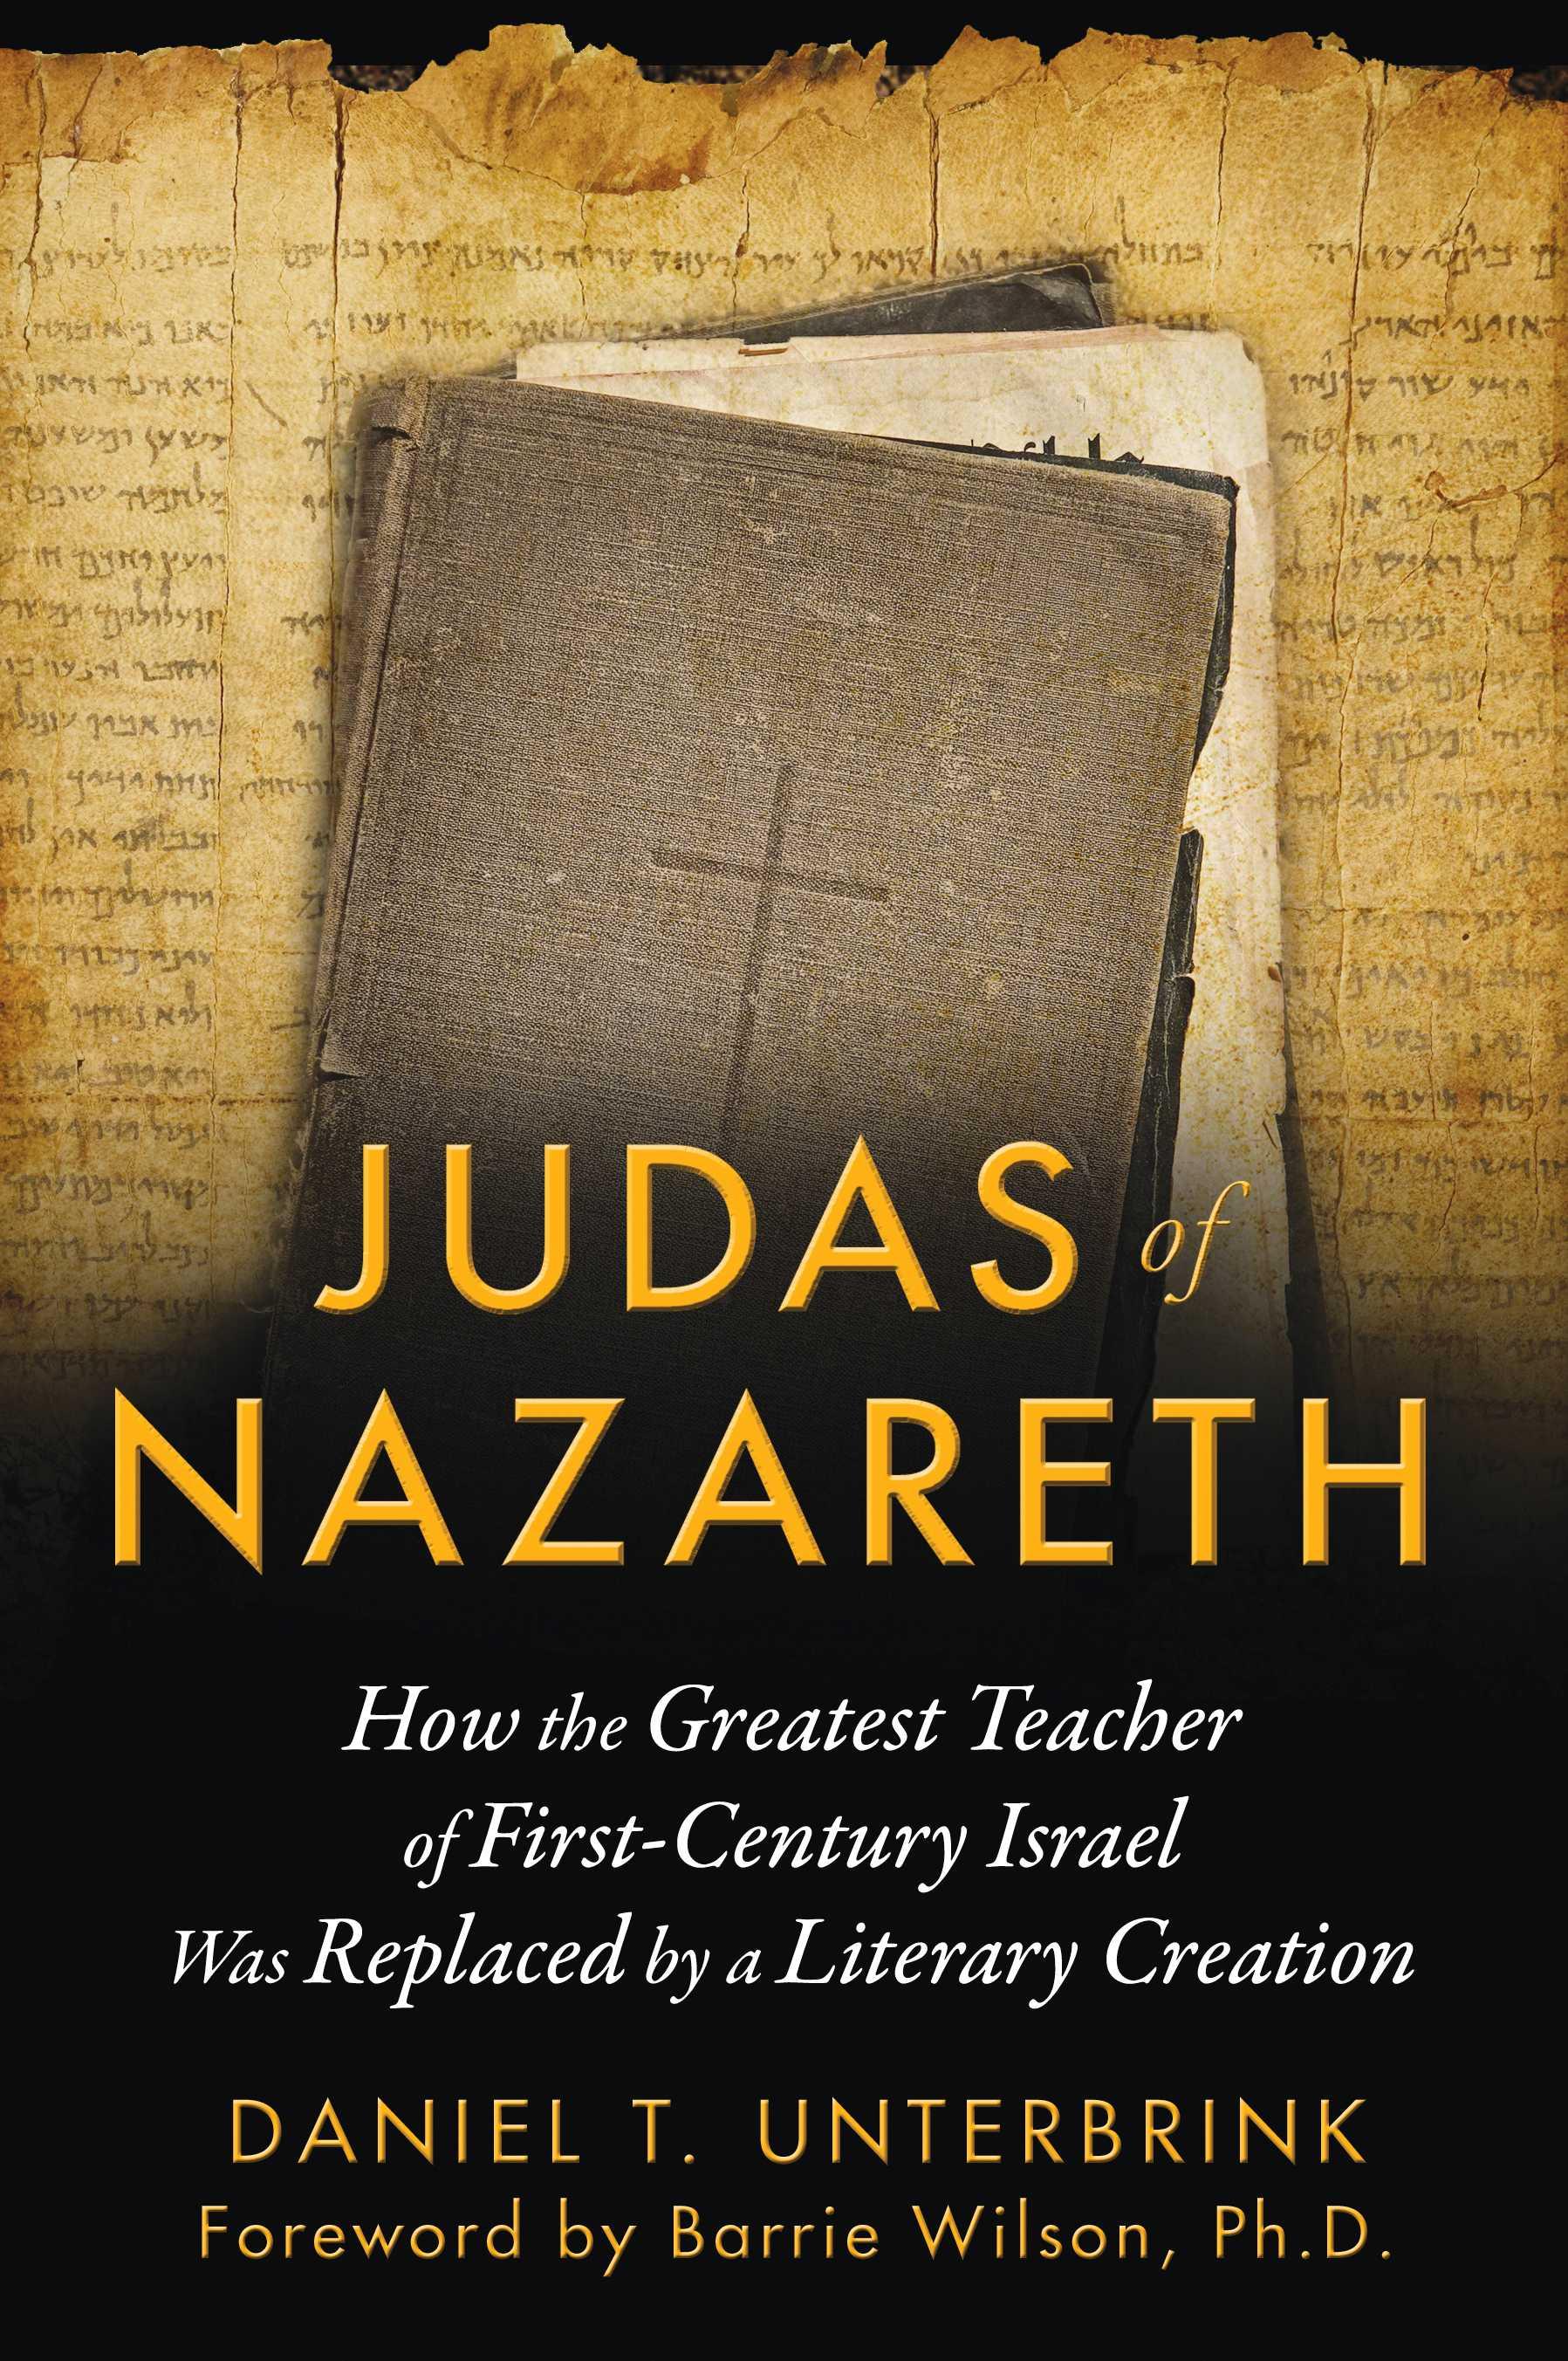 Judas of nazareth 9781591431824 hr